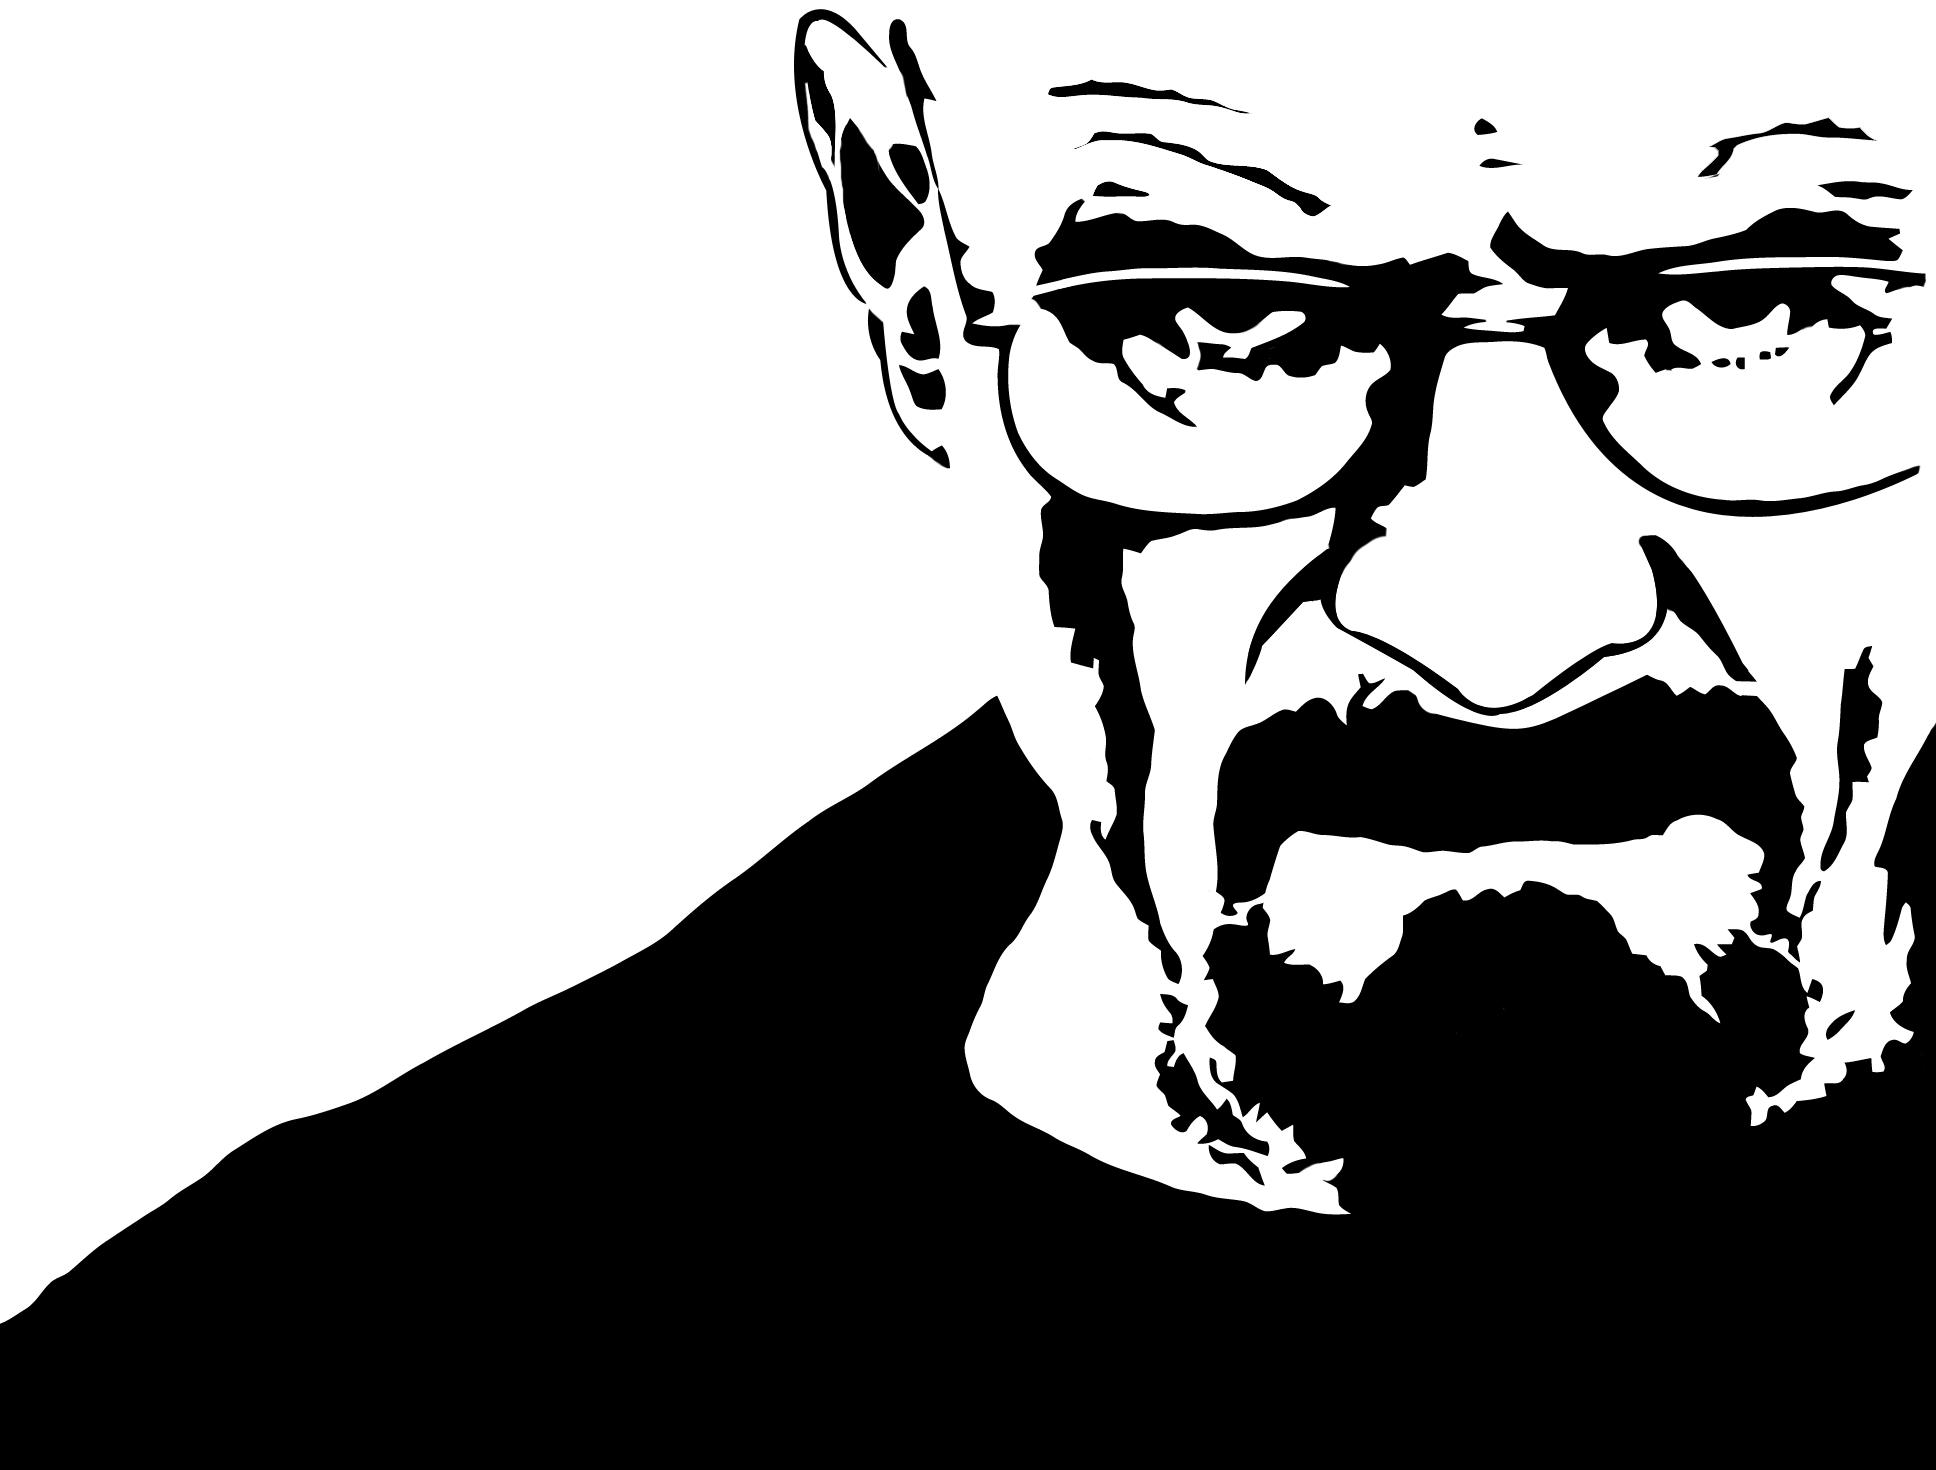 R Heisenberg From Breaking Bad R Stenciltemplates Breaking Bad Art Bad Drawings Silhouette Art